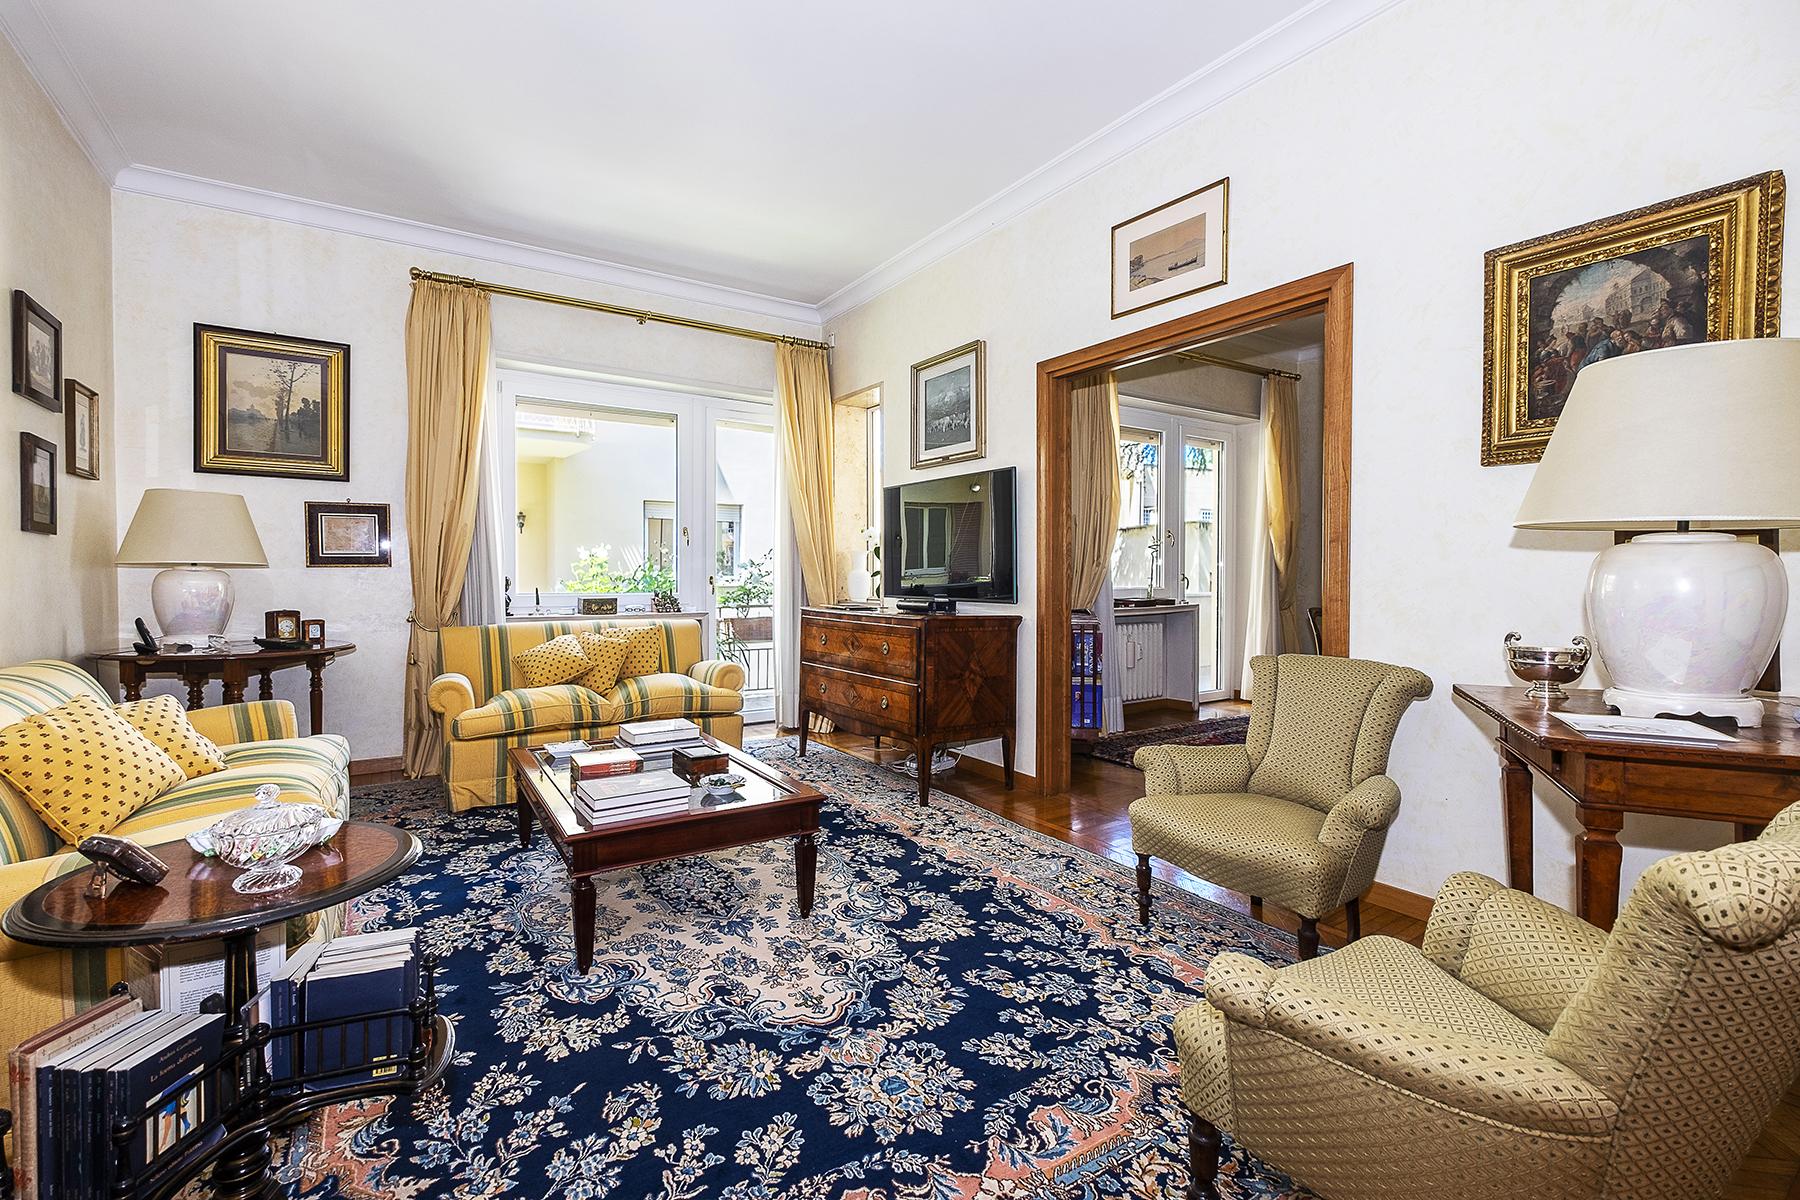 Appartamento in Vendita a Roma 02 Parioli / Pinciano / Flaminio: 4 locali, 122 mq